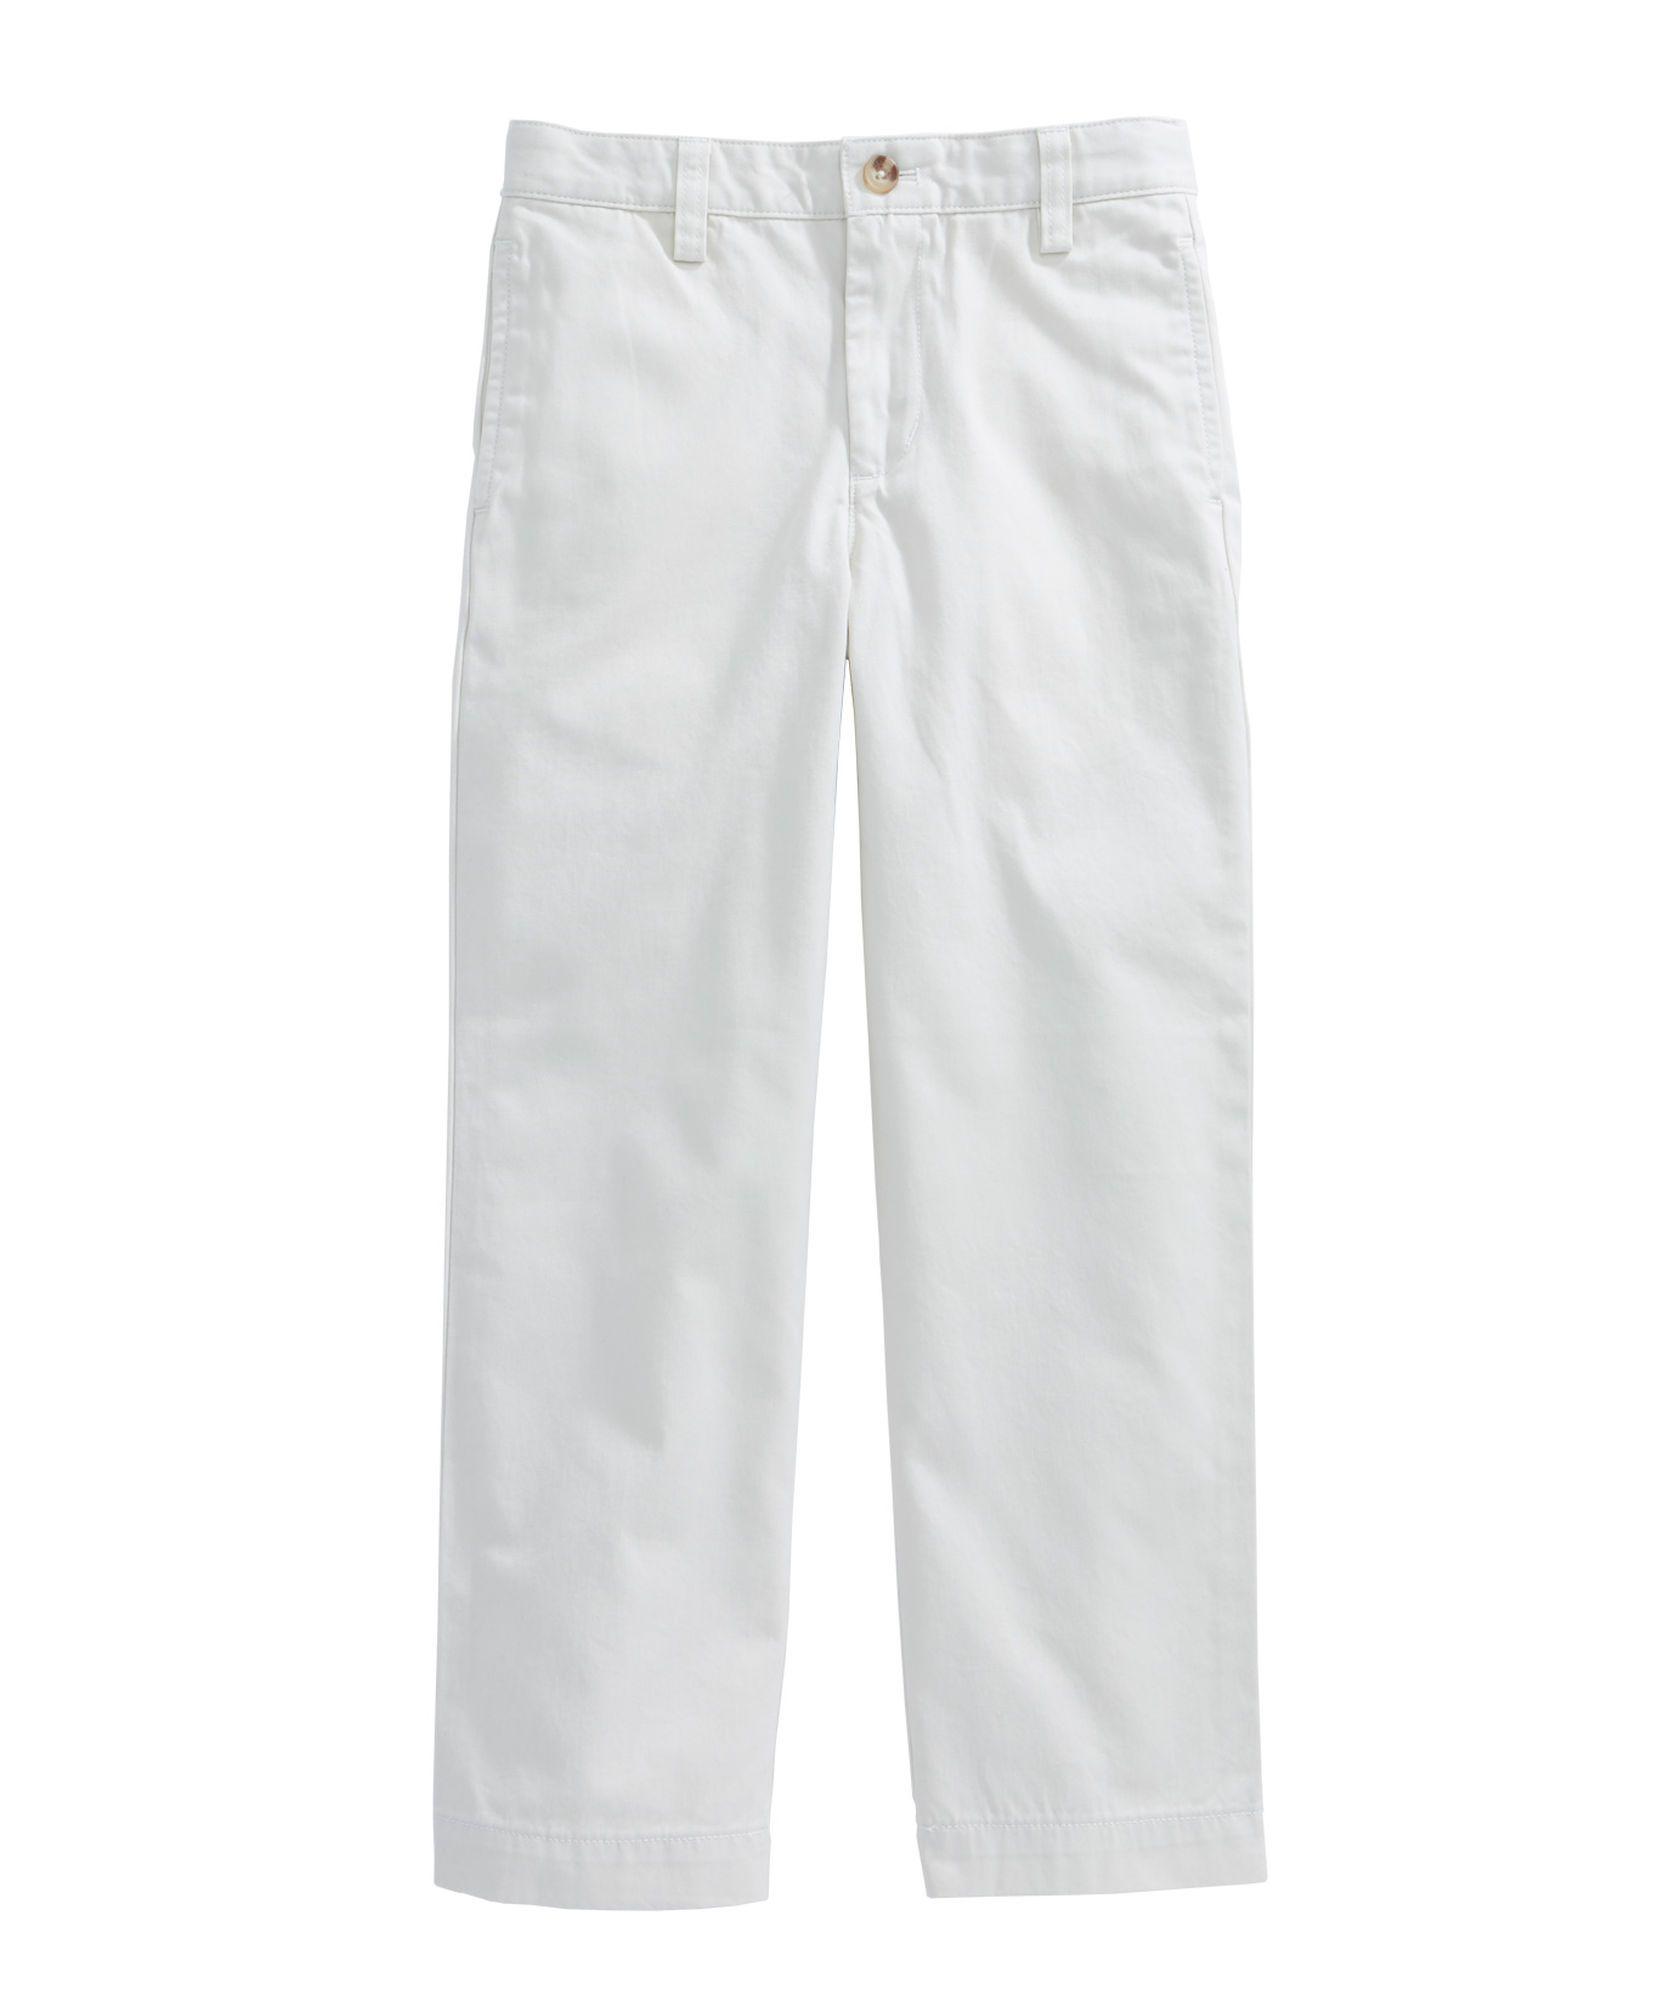 Boys Club Pant